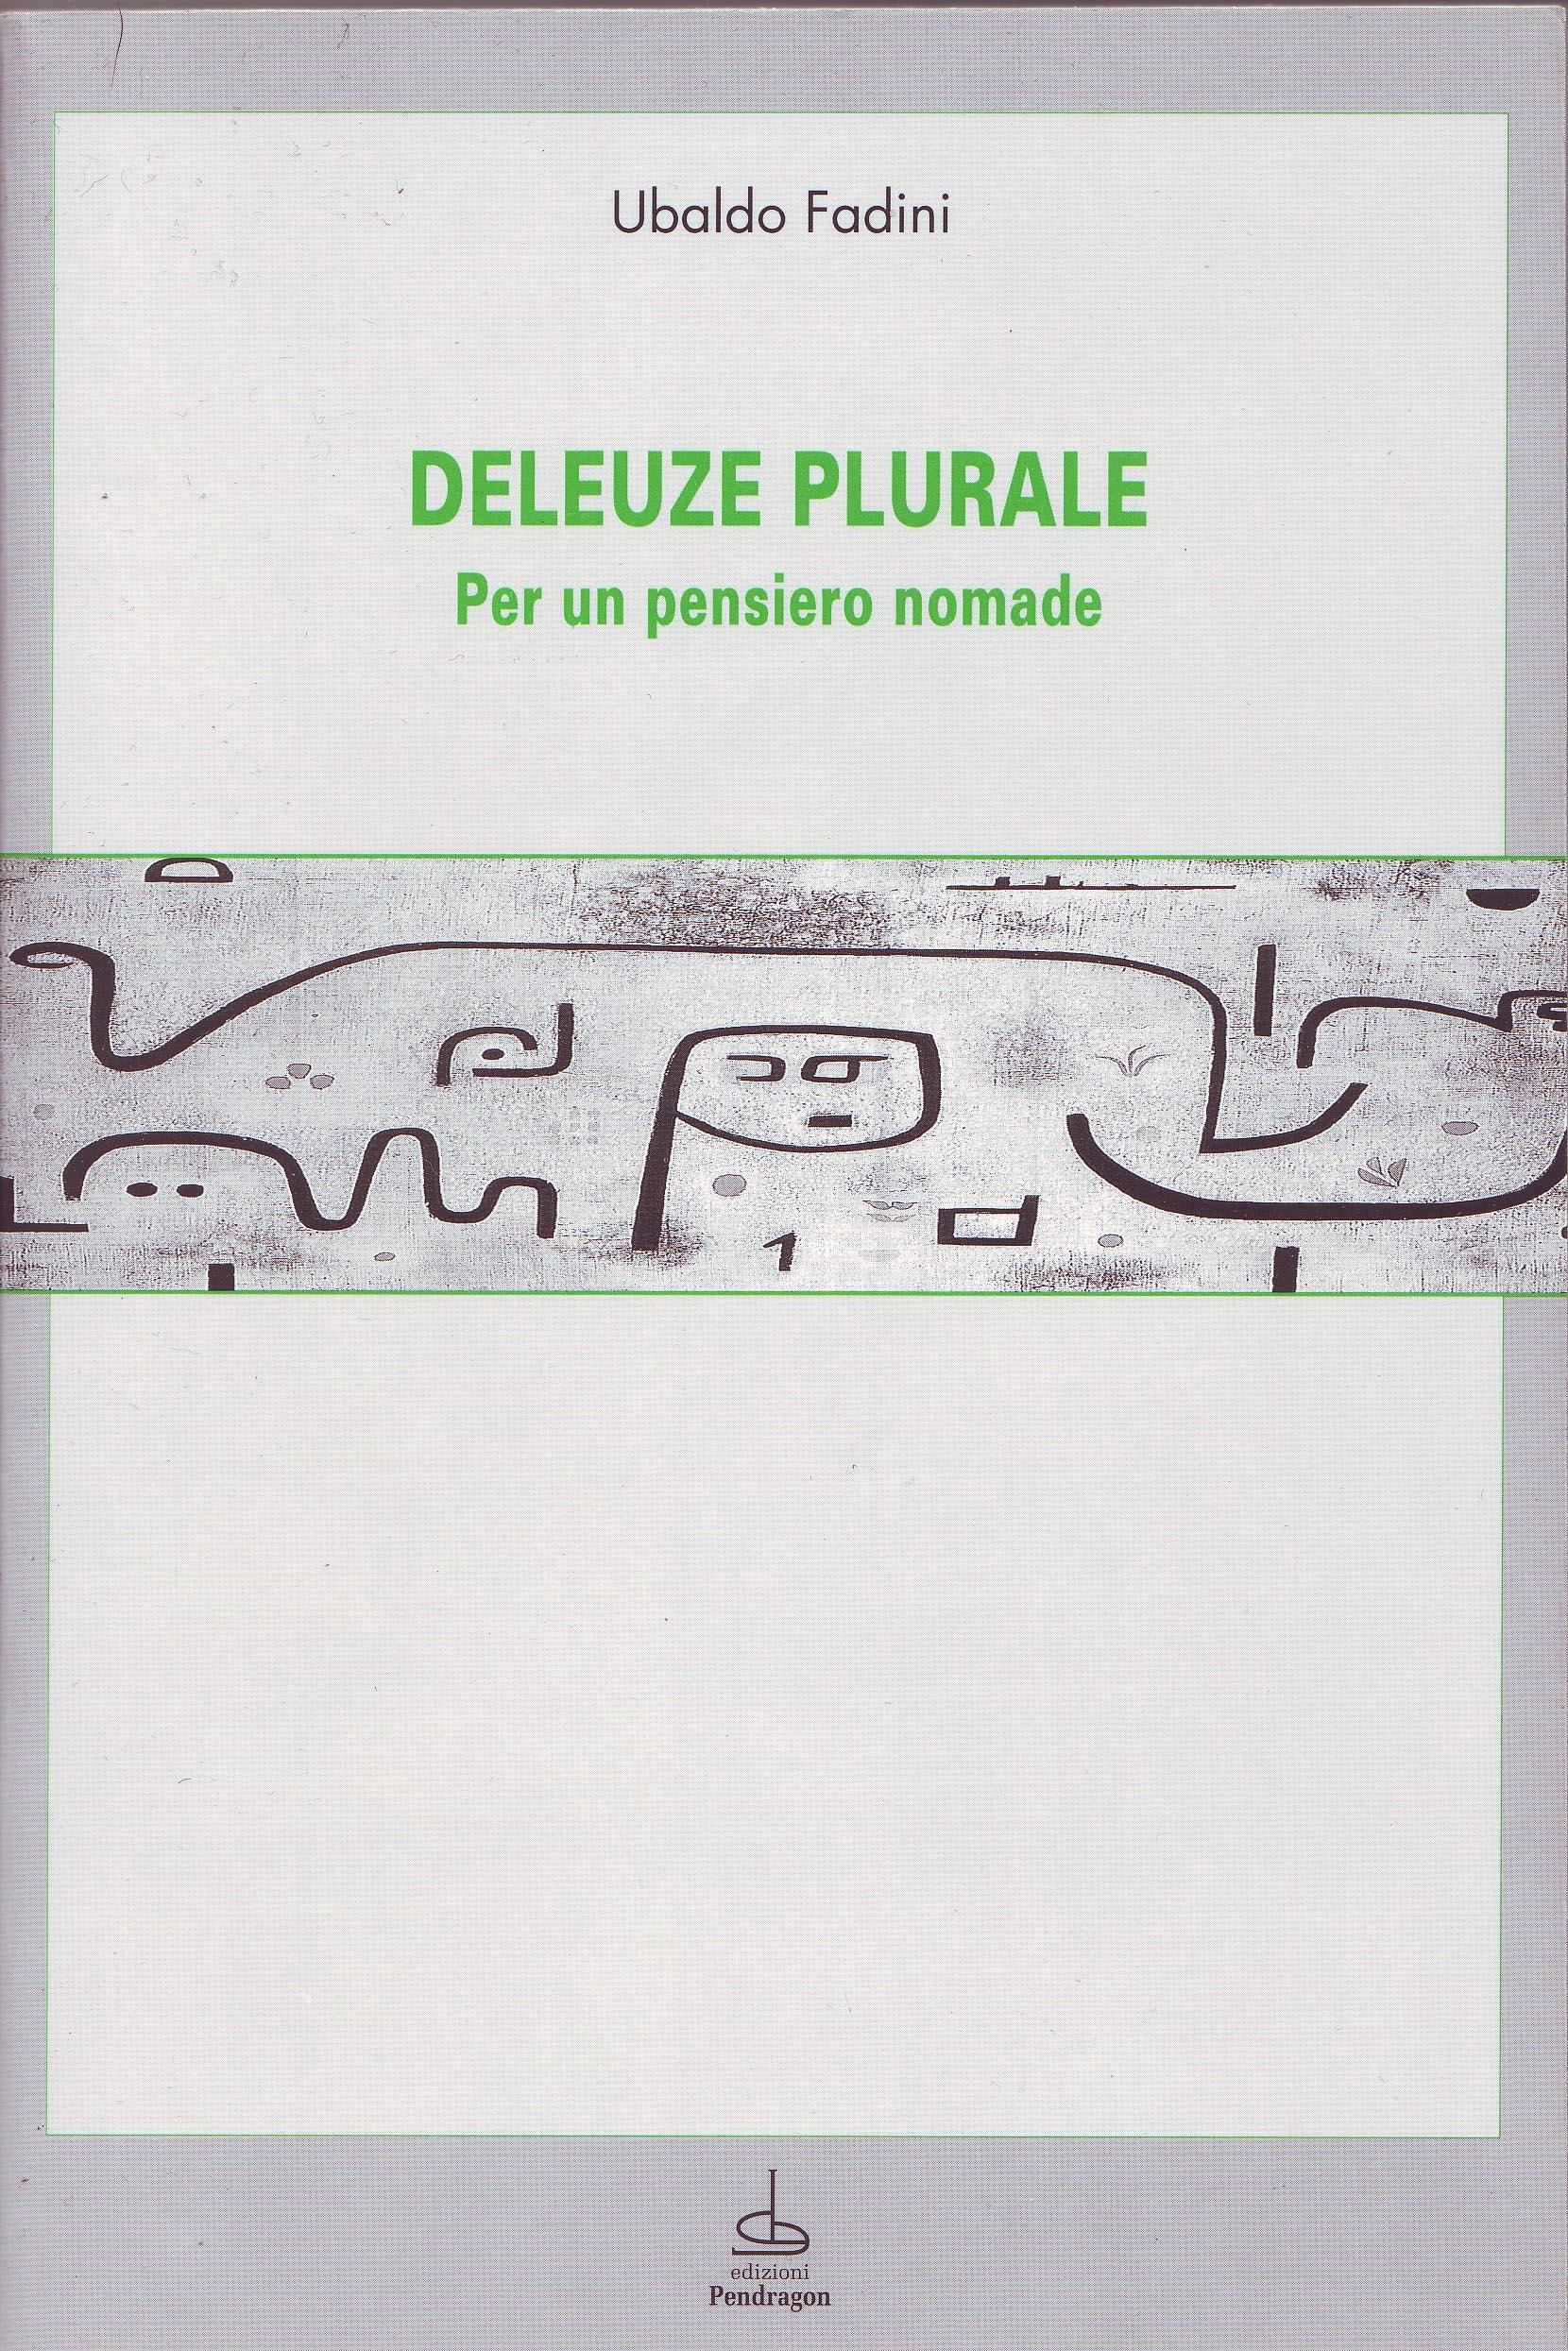 Deleuze plurale